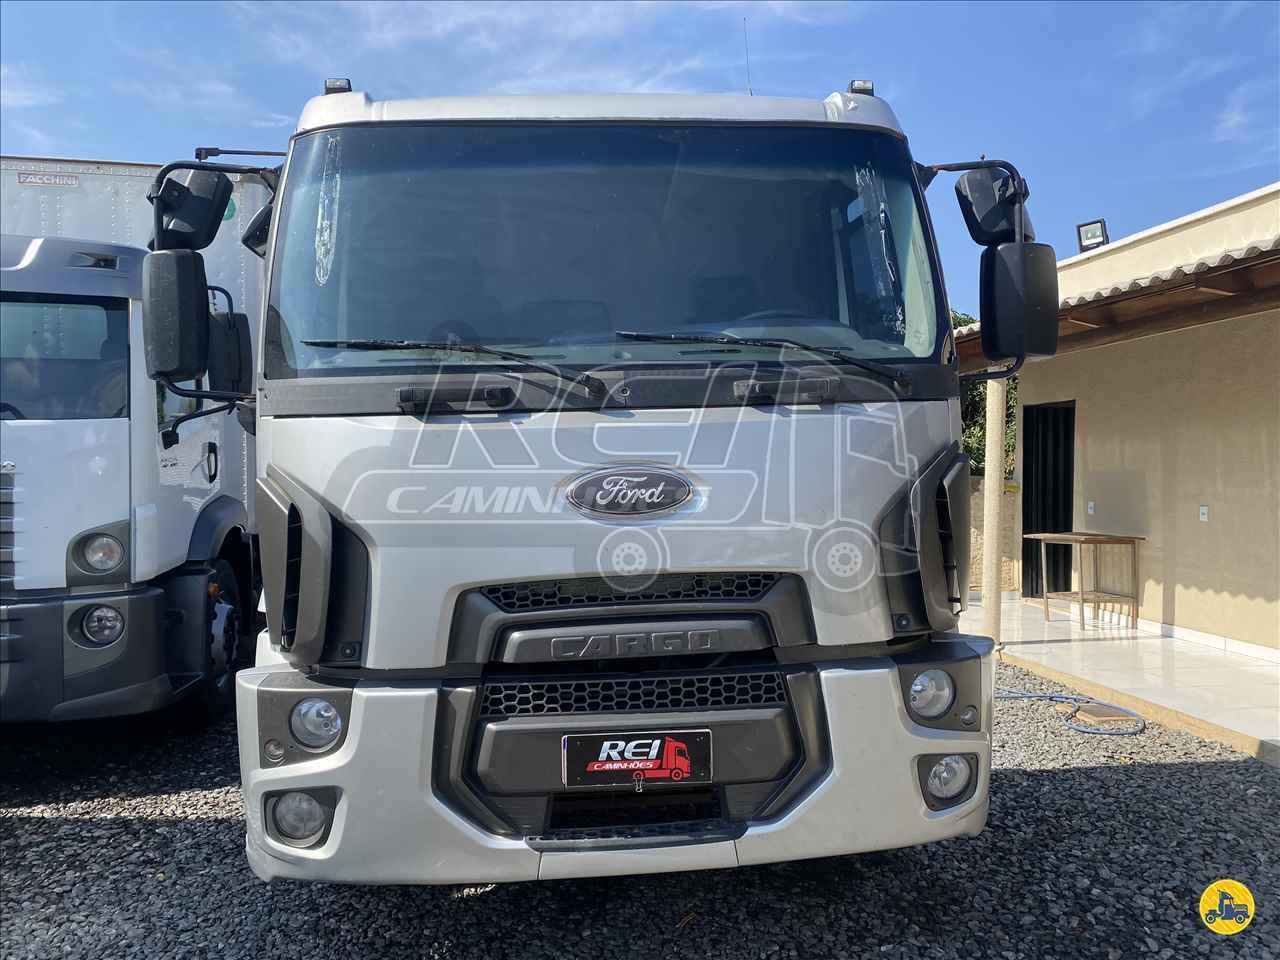 CAMINHAO FORD CARGO 2431 Chassis Truck 6x2 Rei Caminhões GOIANIA GOIAS GO